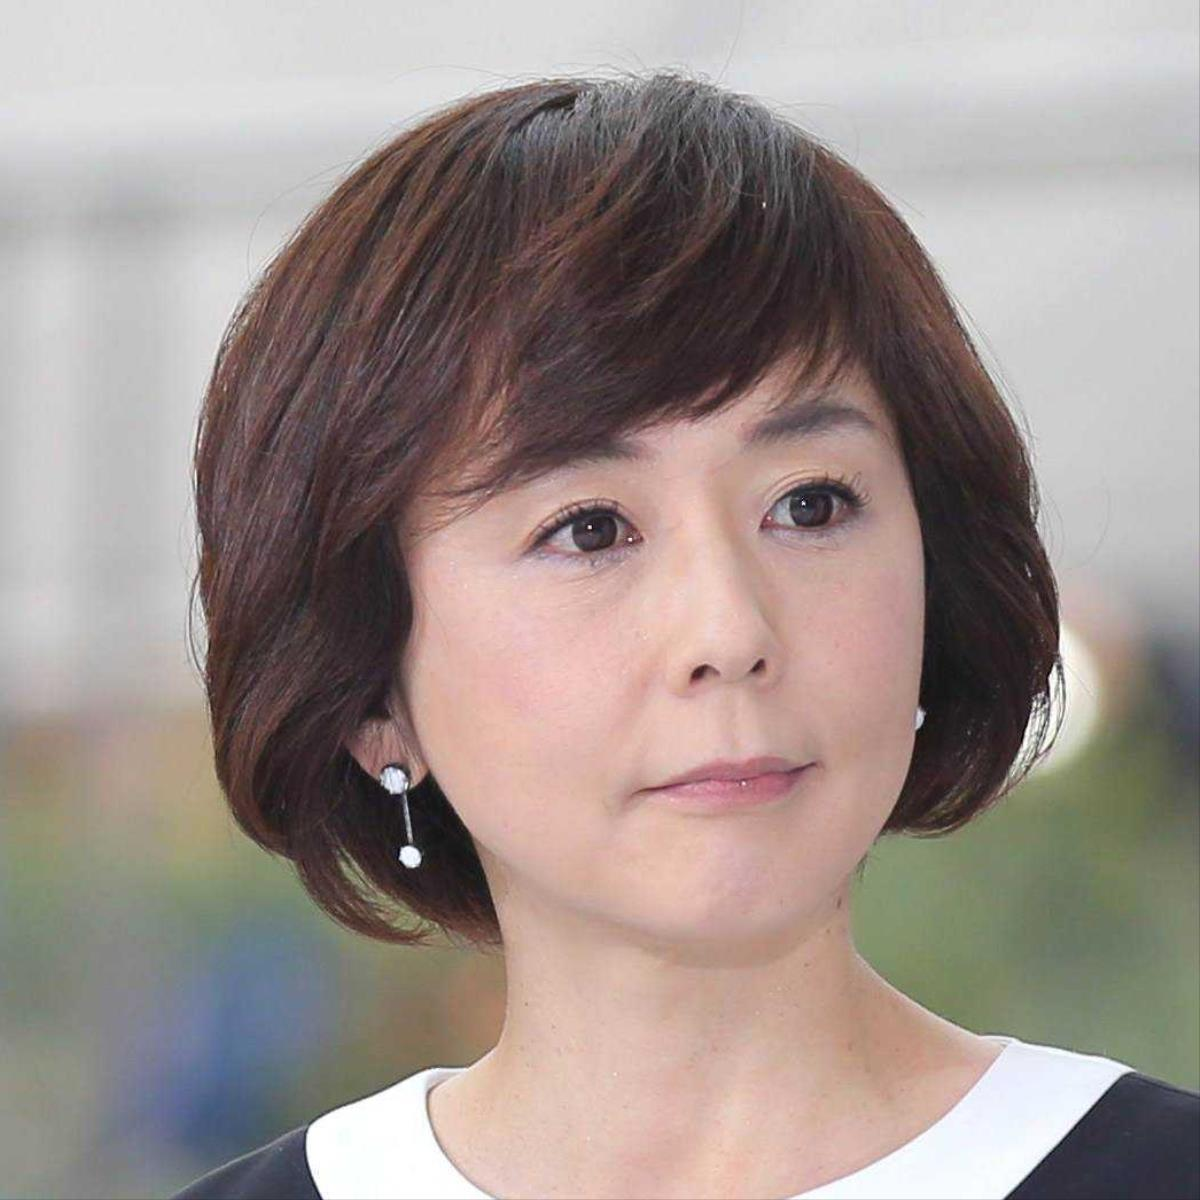 大下容子 テレビ朝日〉アナウンサー・大下容子さん、その不動の支持を誇る ...